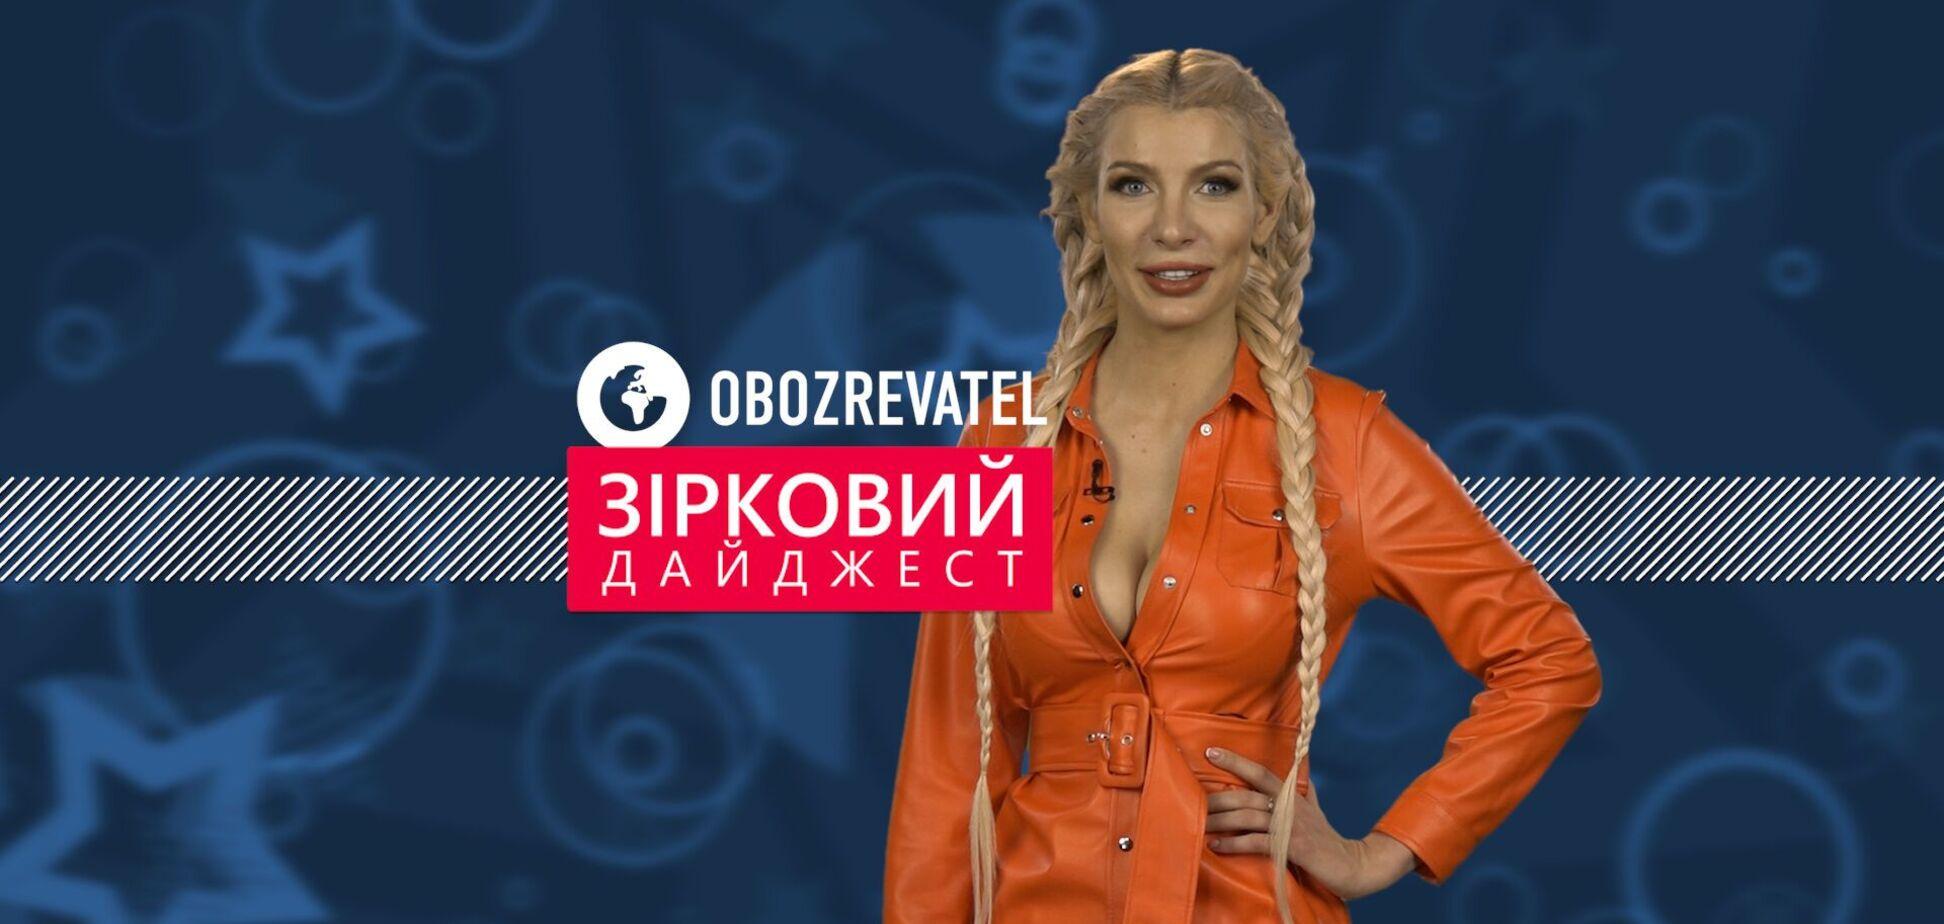 Звездный дайджест | №227 | с Надей Мироненко